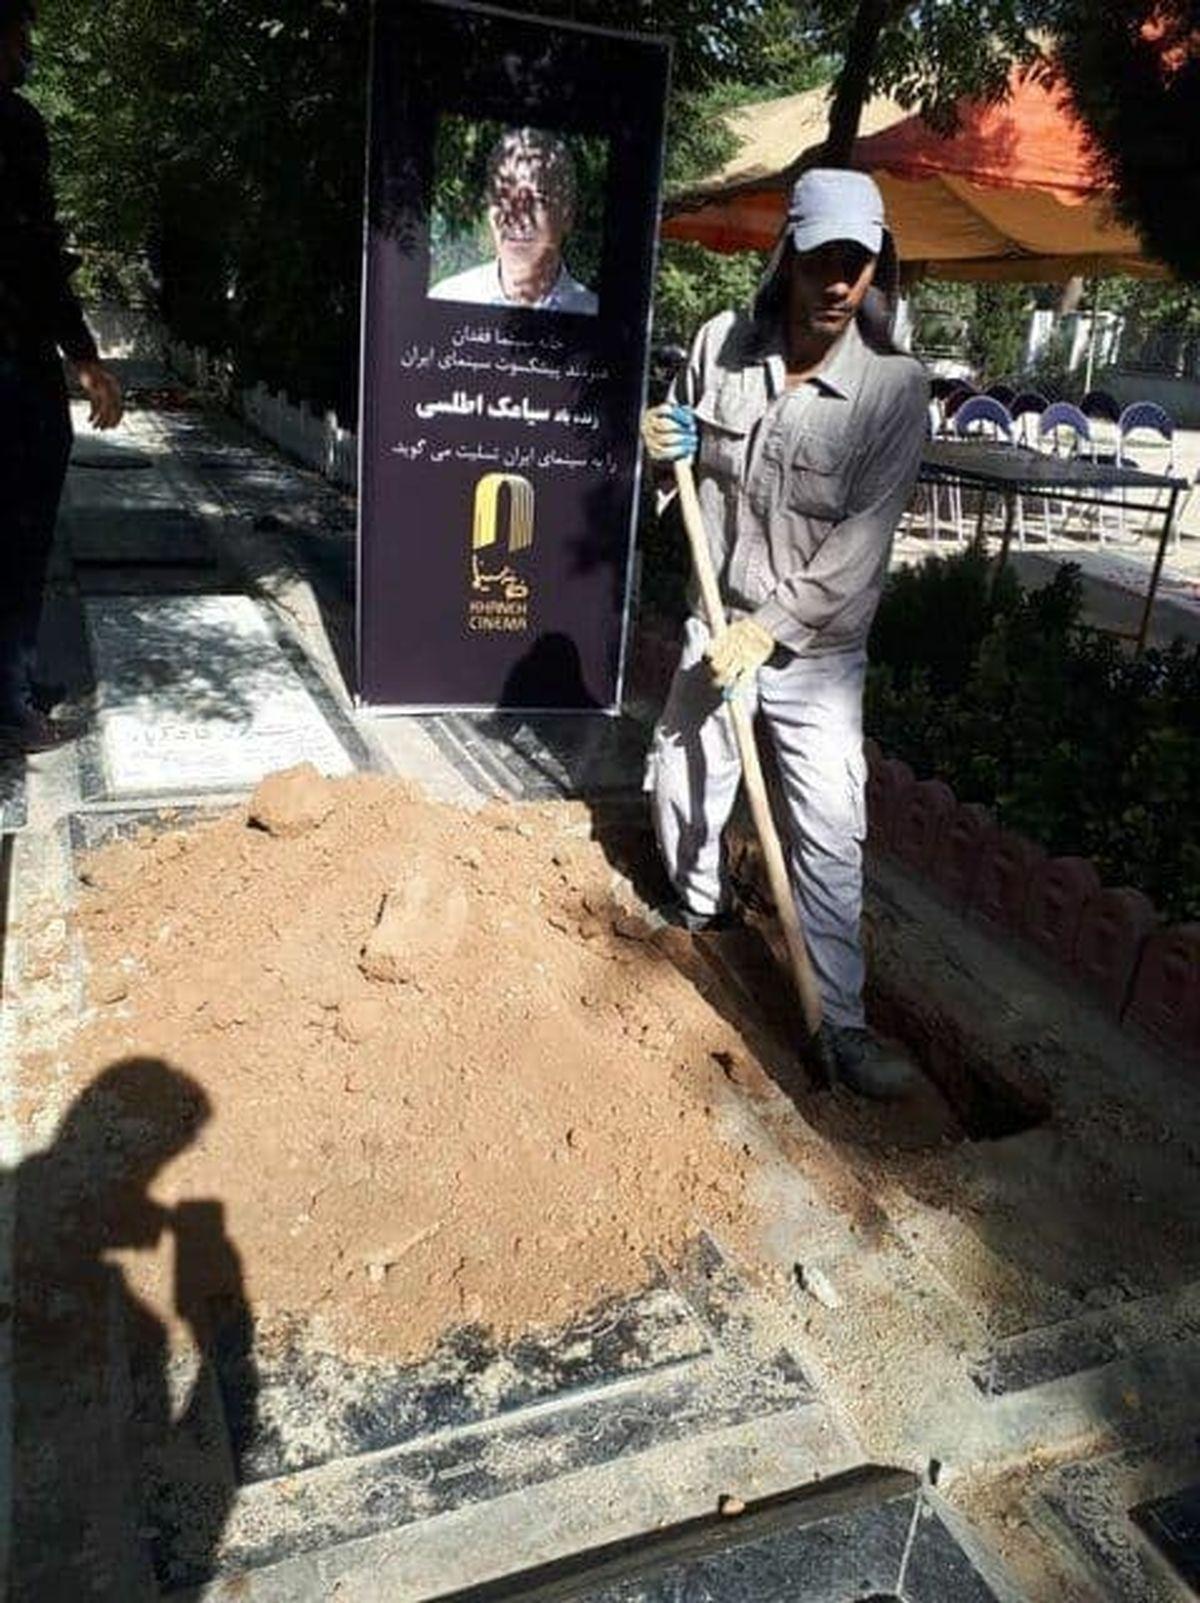 محل دفن بازیگر مختارنامه در بهشت زهرا+عکس